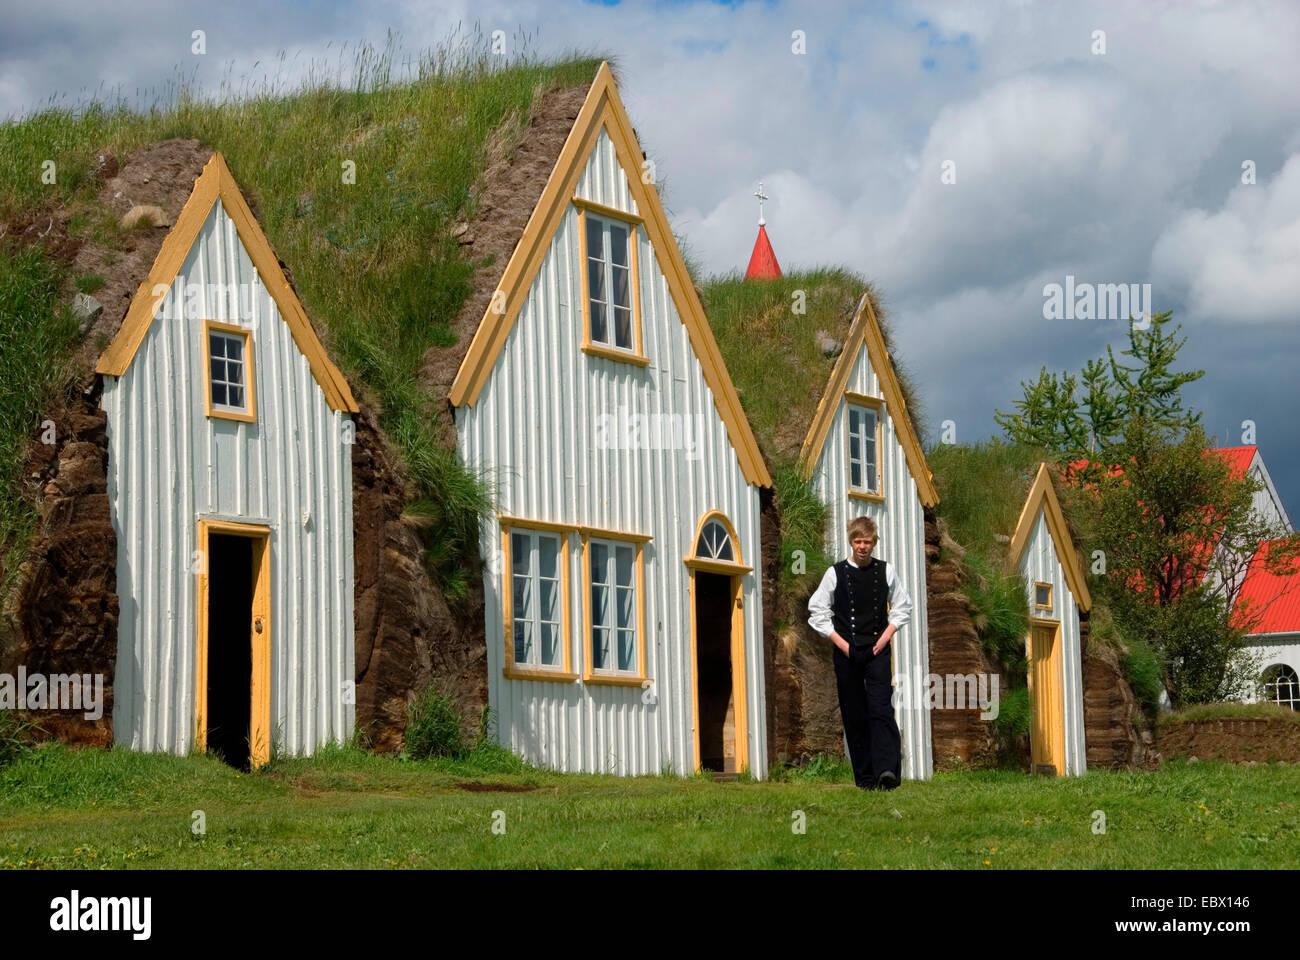 Junge em trajes tradicionais casas de turfa com telhados de grama em museus ao ar livre Glaumbaer, Islândia Imagens de Stock